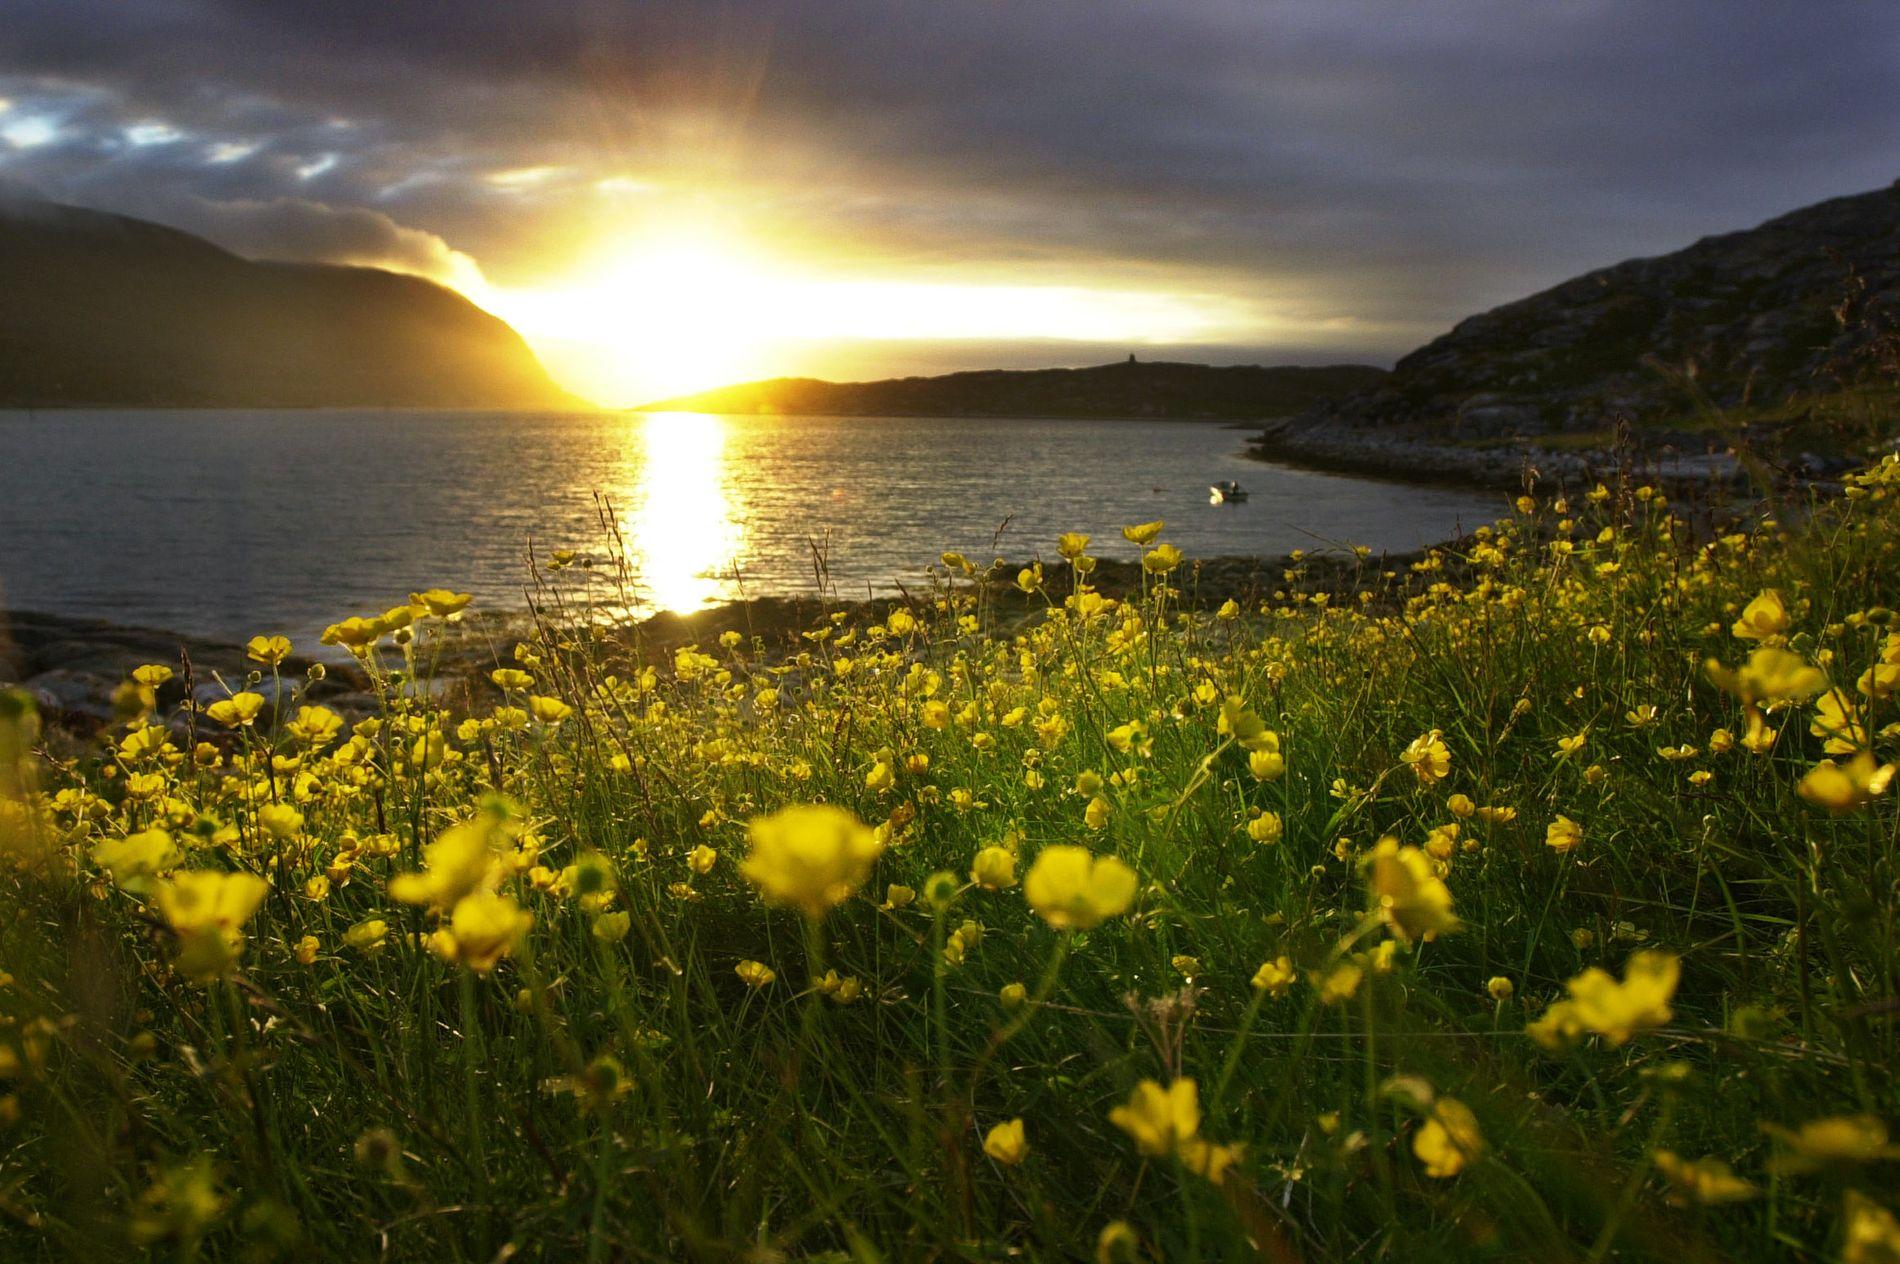 VARMT: Norges nordligste fylke kan oppleve temperaturer over 20 grader noen steder, mener meteorologen.